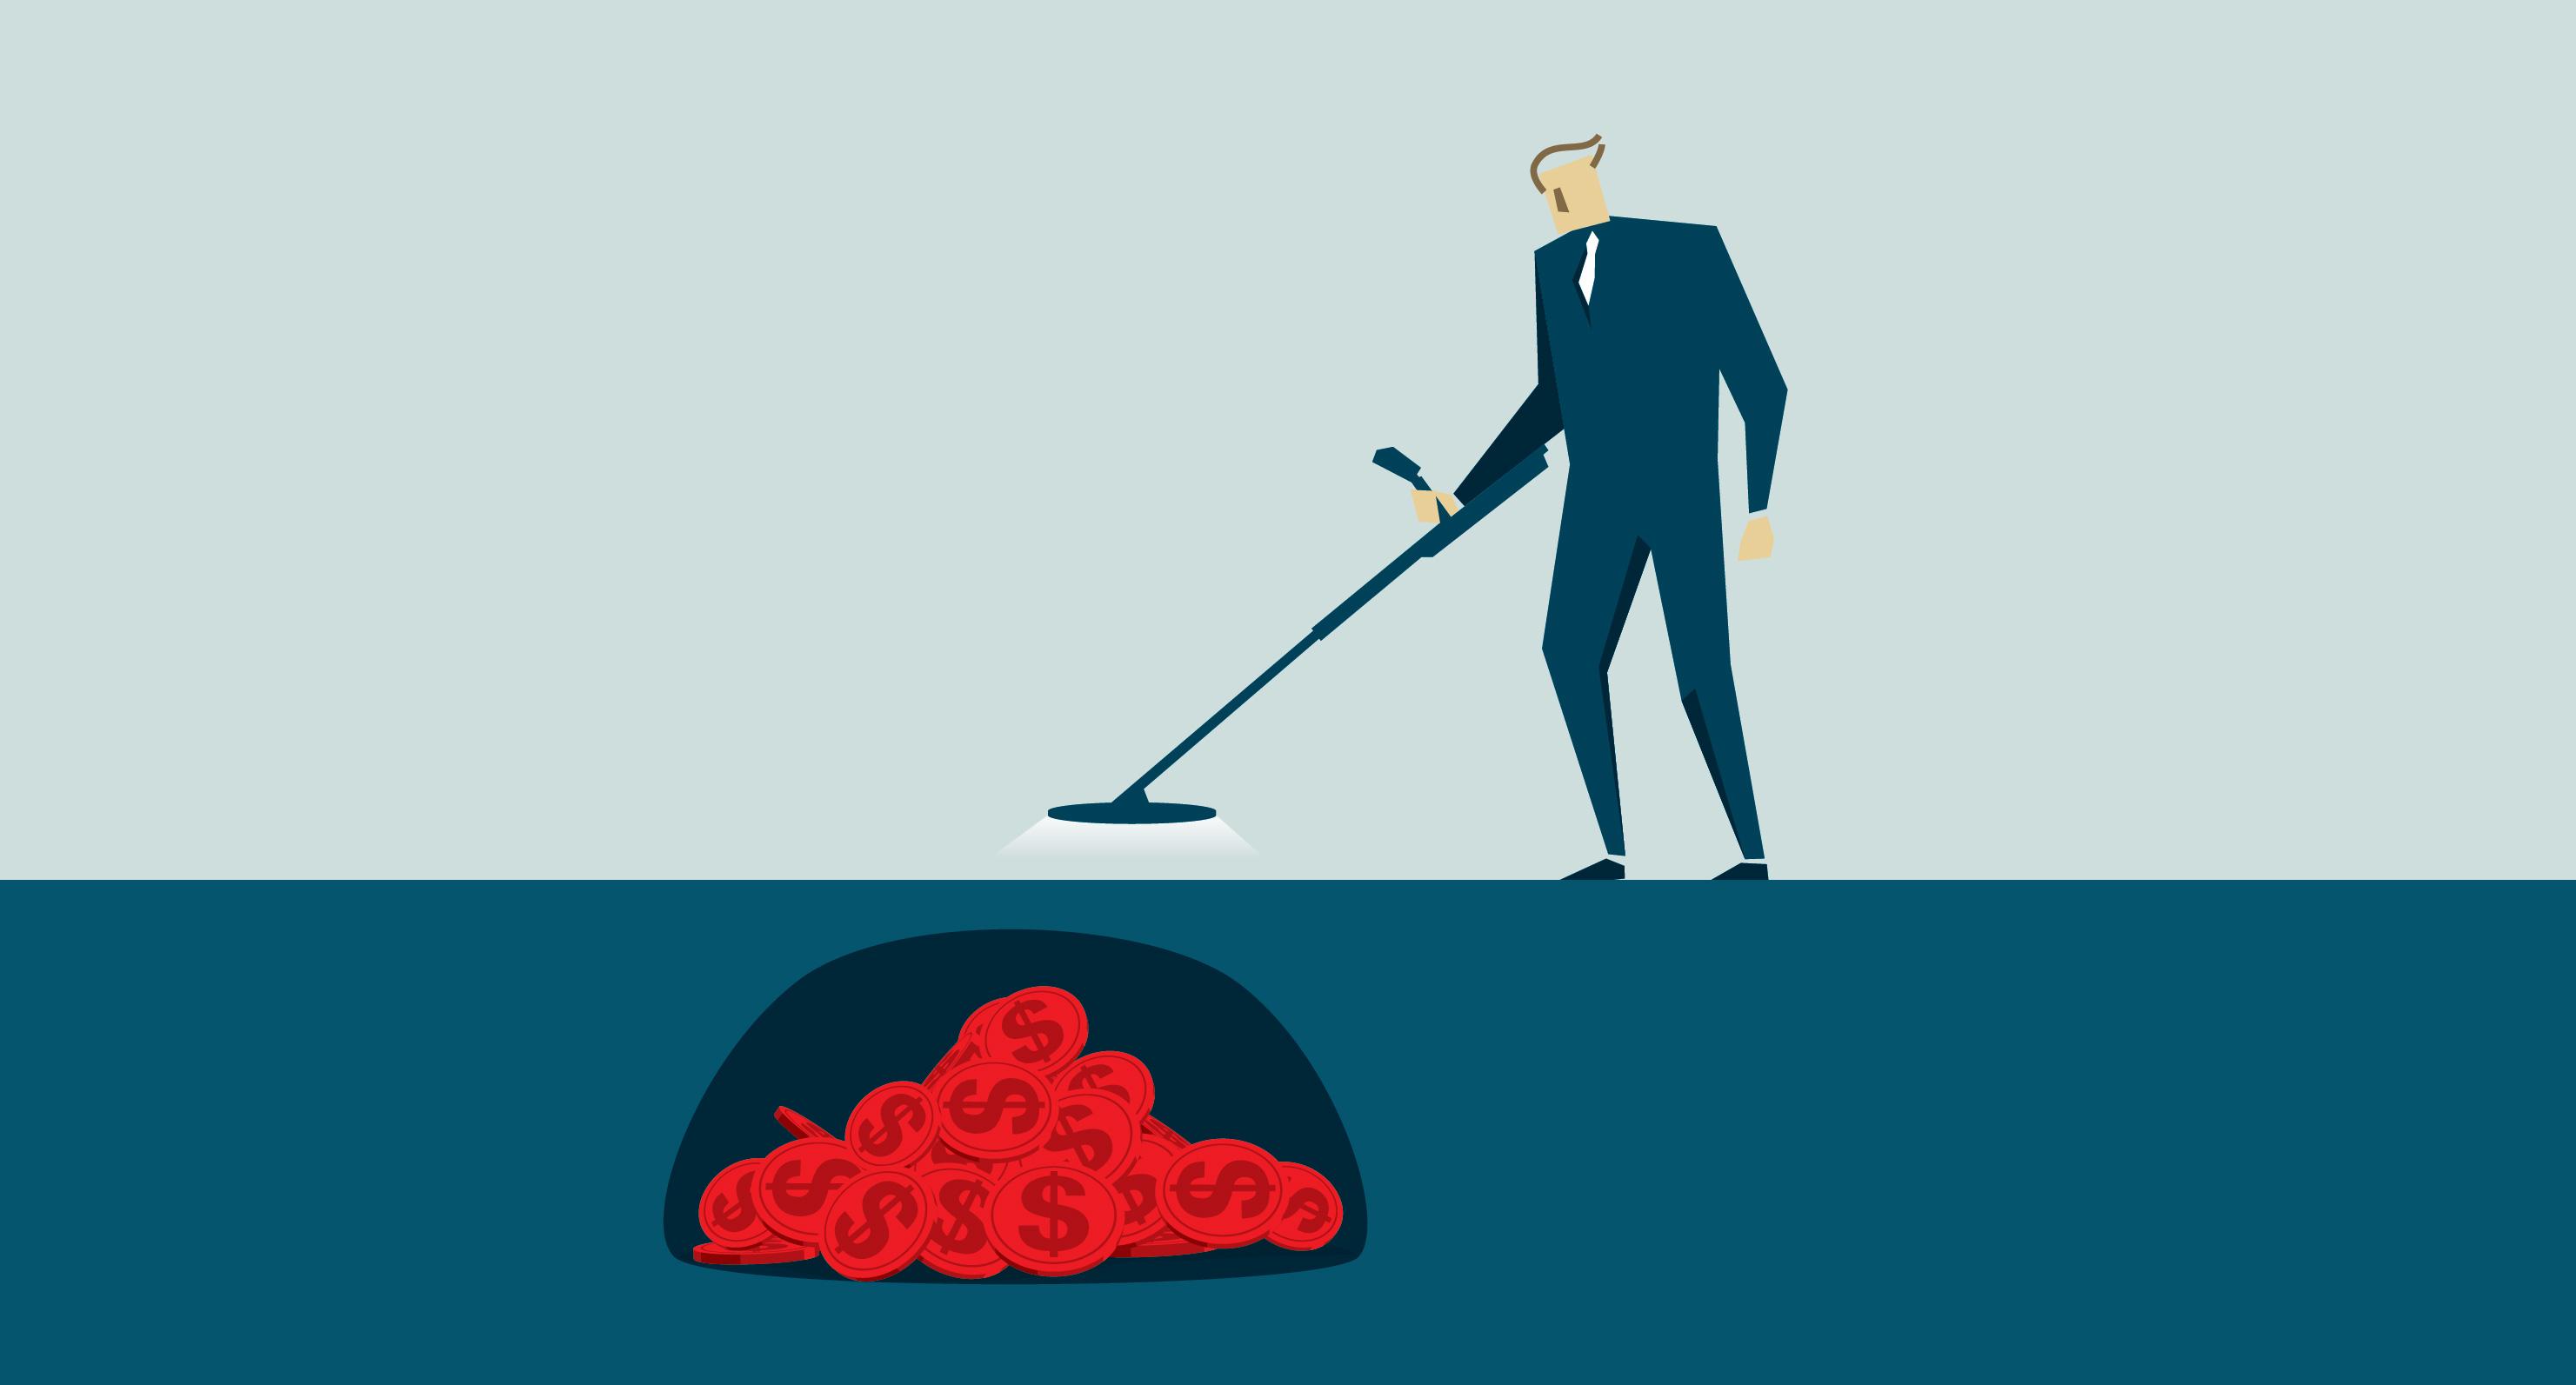 Lei Anticorrupção poderá endurecer pena para empresa envolvida em ilícitos